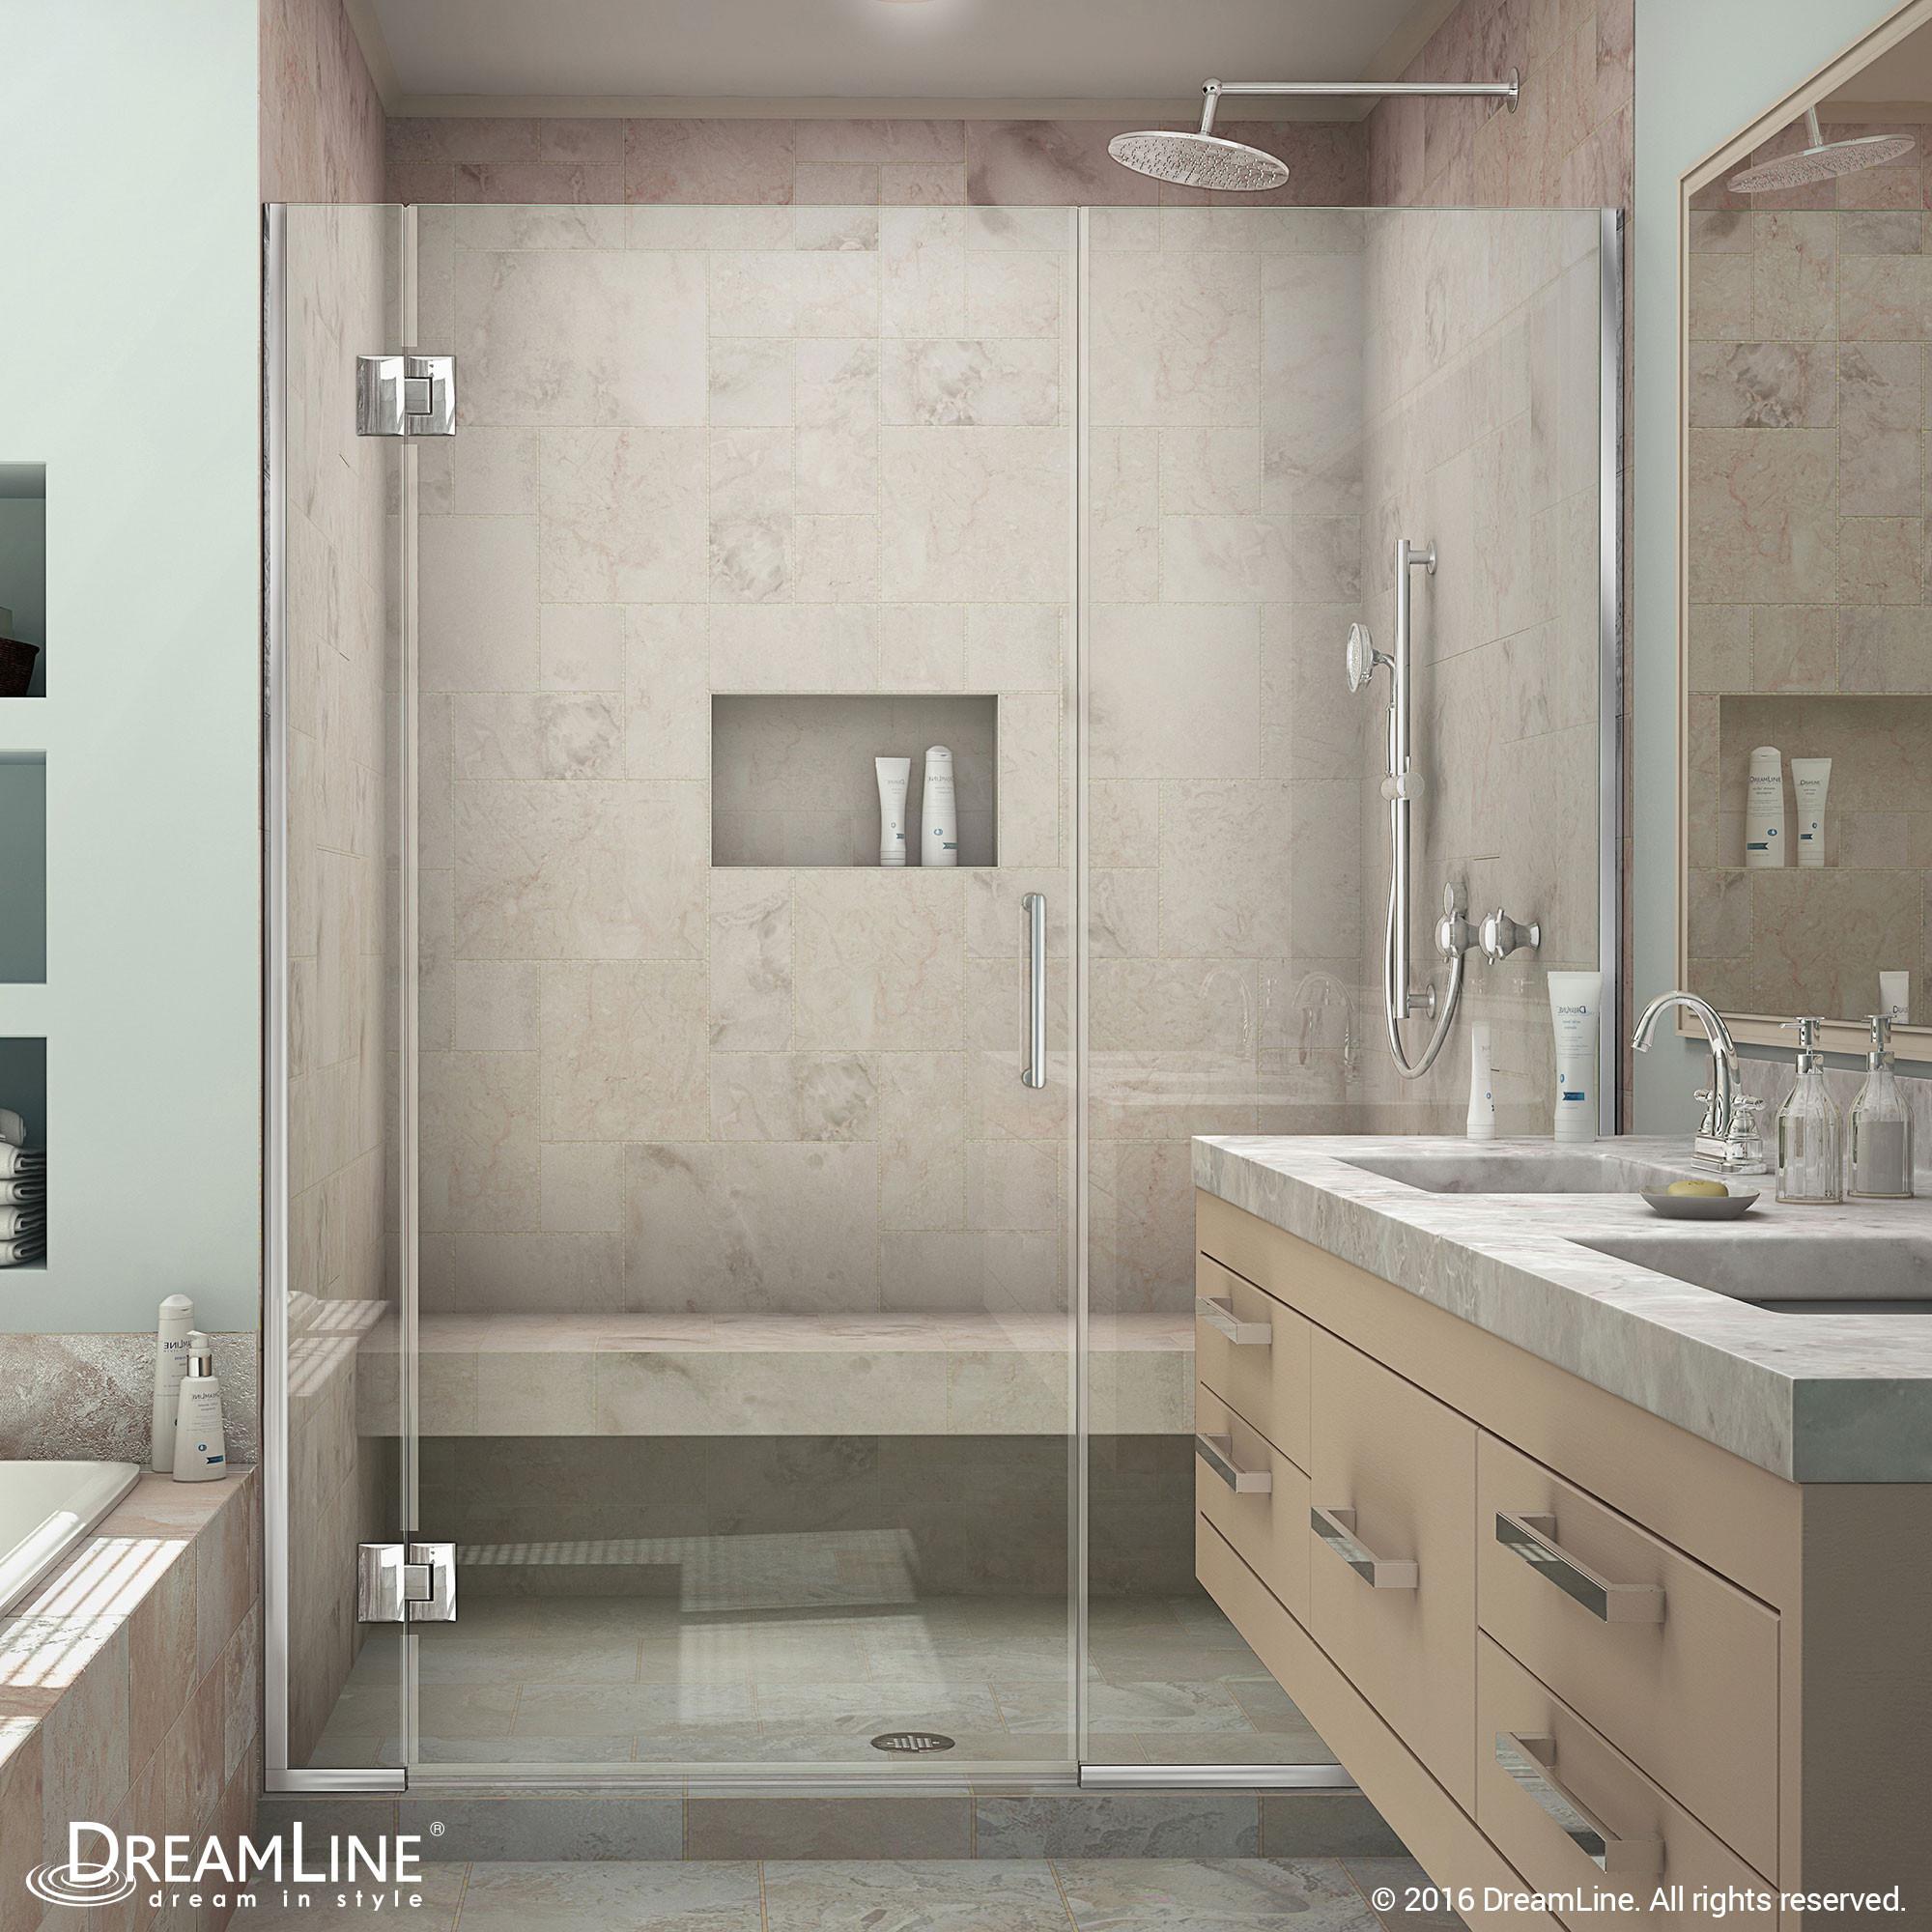 DreamLine D1262272-01 Unidoor-X 54 - 54 1/2 in. W x 72 in. H Hinged Shower Door in Chrome